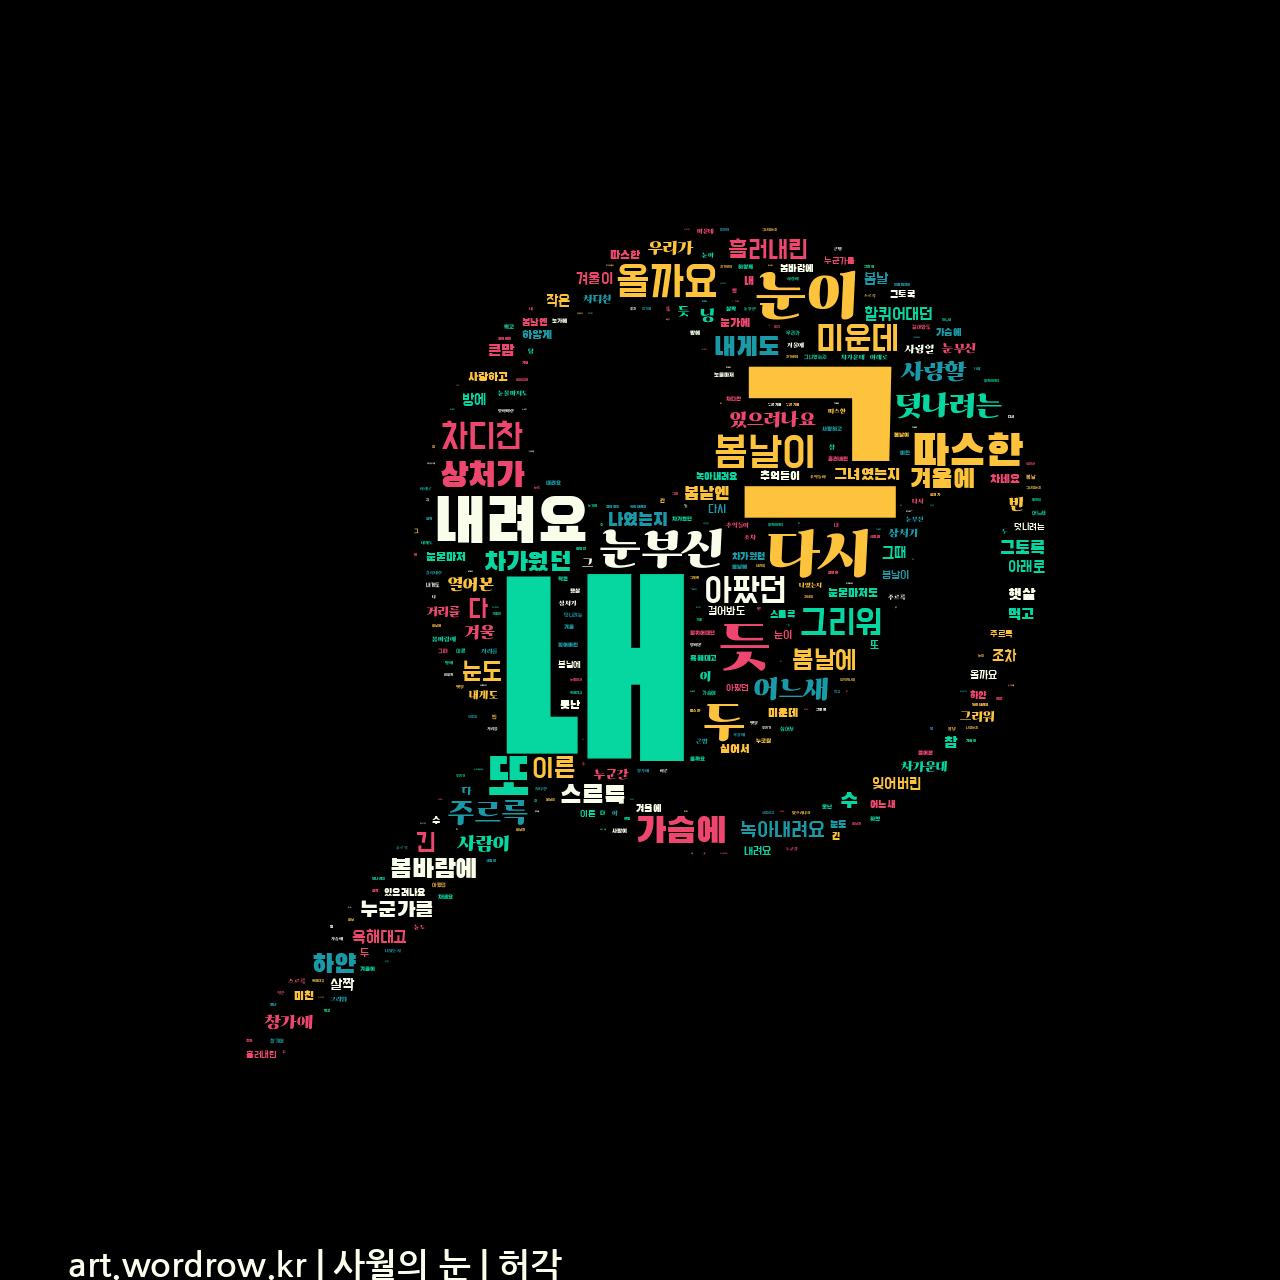 워드 클라우드: 사월의 눈 [허각]-8